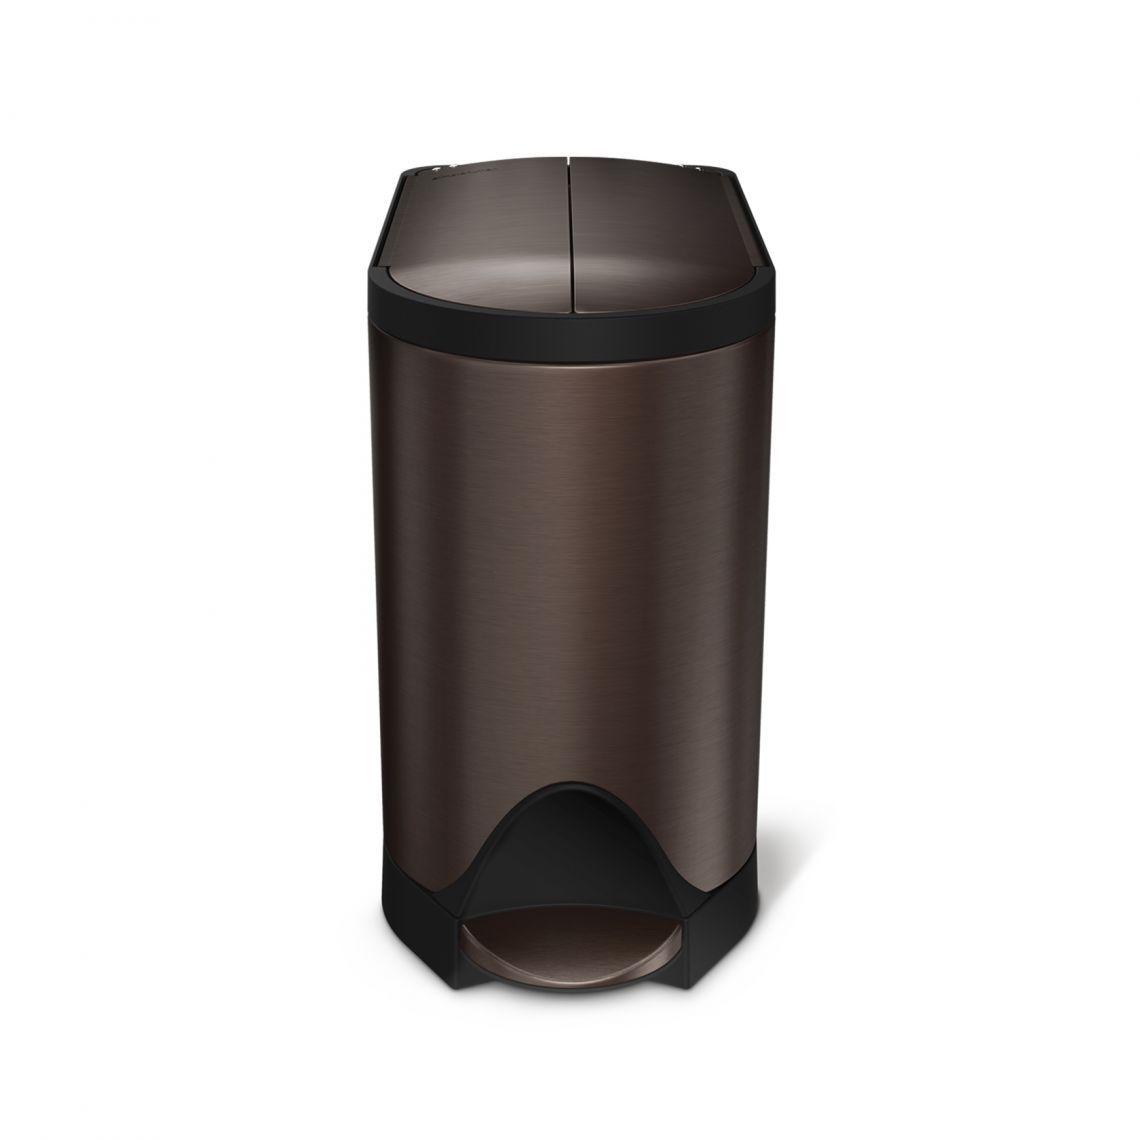 Pedálový odpadkový koš Simplehuman do koupelny – 10 l, butterfly víko, tmavý bronz ocel